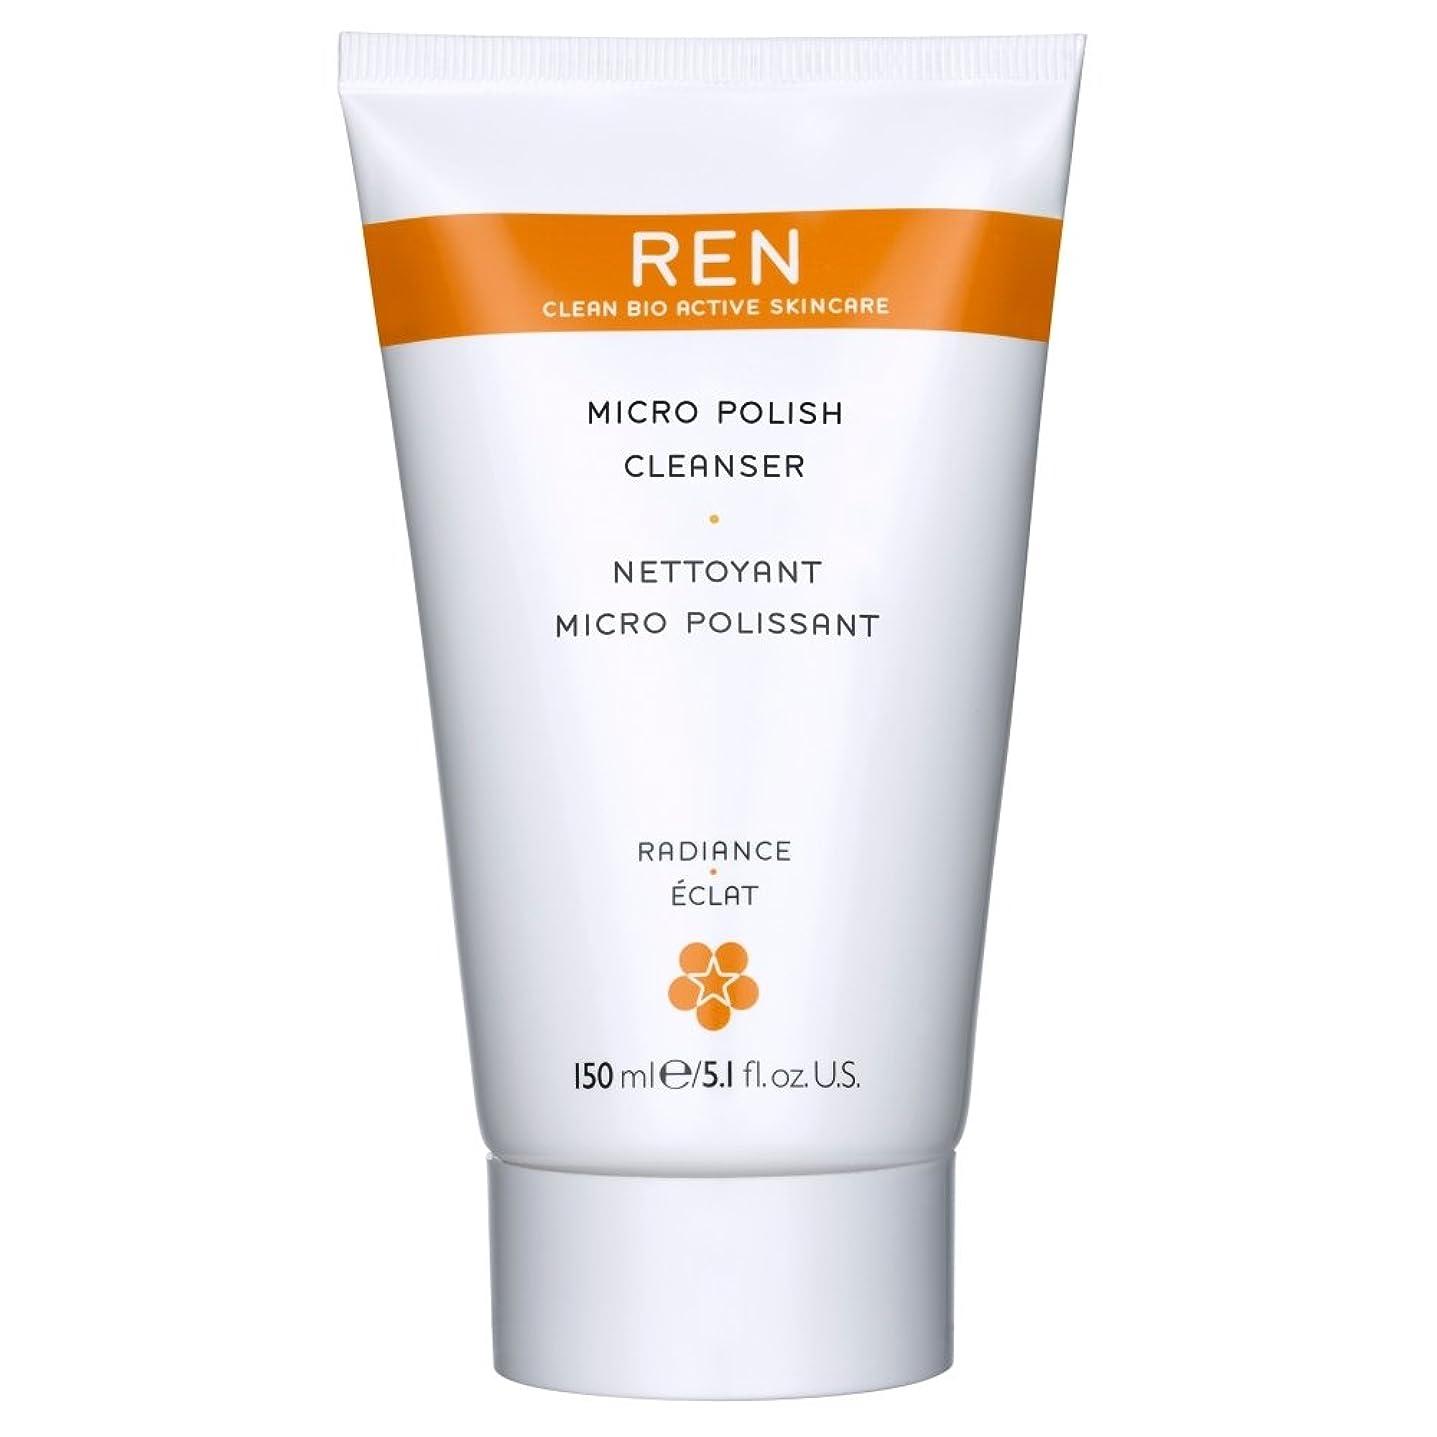 ルートアクセル地下鉄Renミルコ磨きクレンザー、150ミリリットル (REN) (x2) - REN Mirco Polish Cleanser, 150ml (Pack of 2) [並行輸入品]